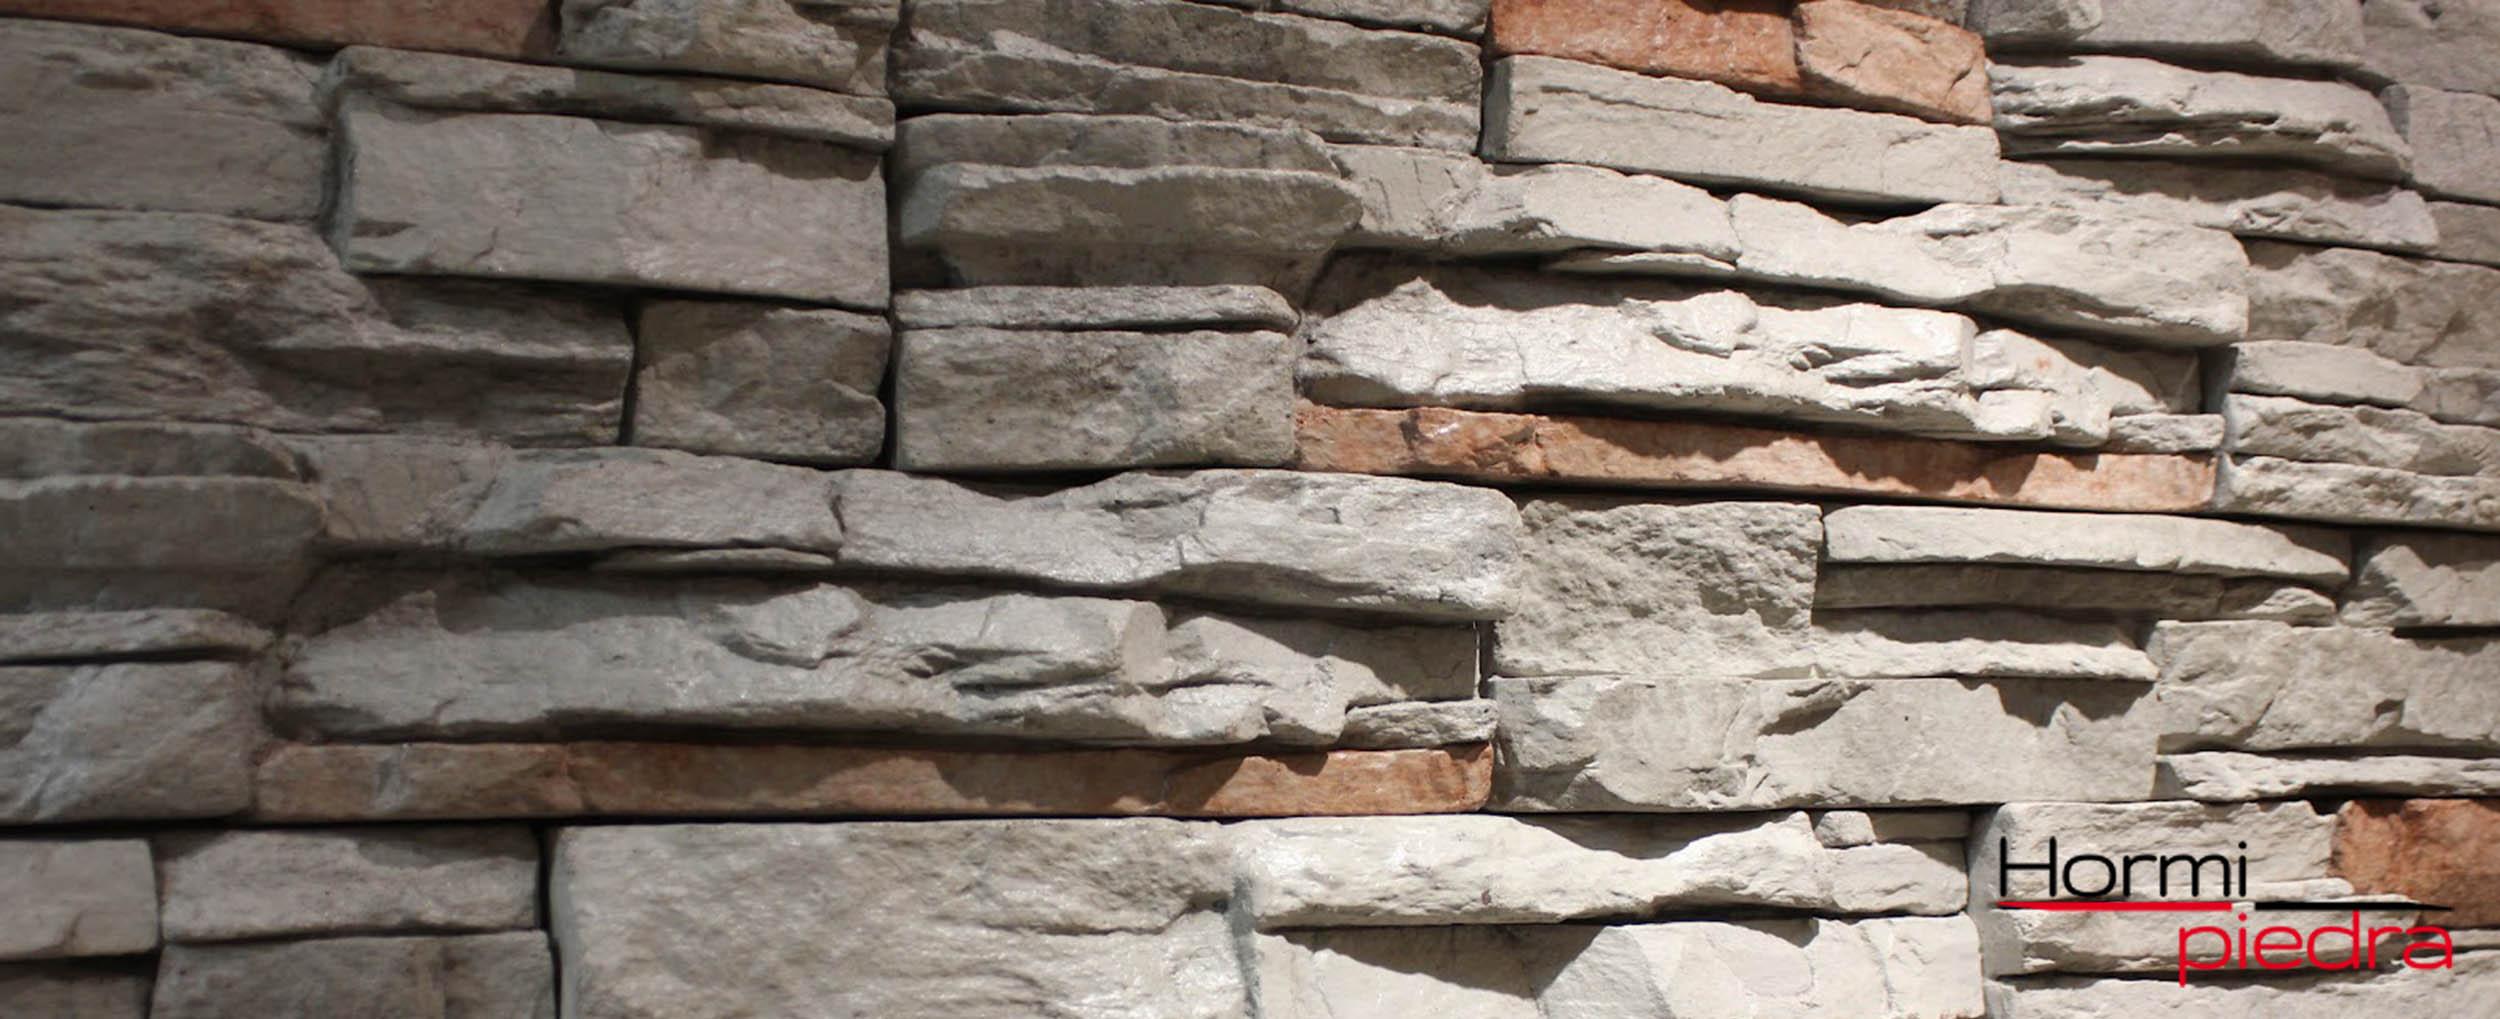 Revestimiento simil piedra para decorar paredes hormi piedra - Revestimientos de fachadas precios ...